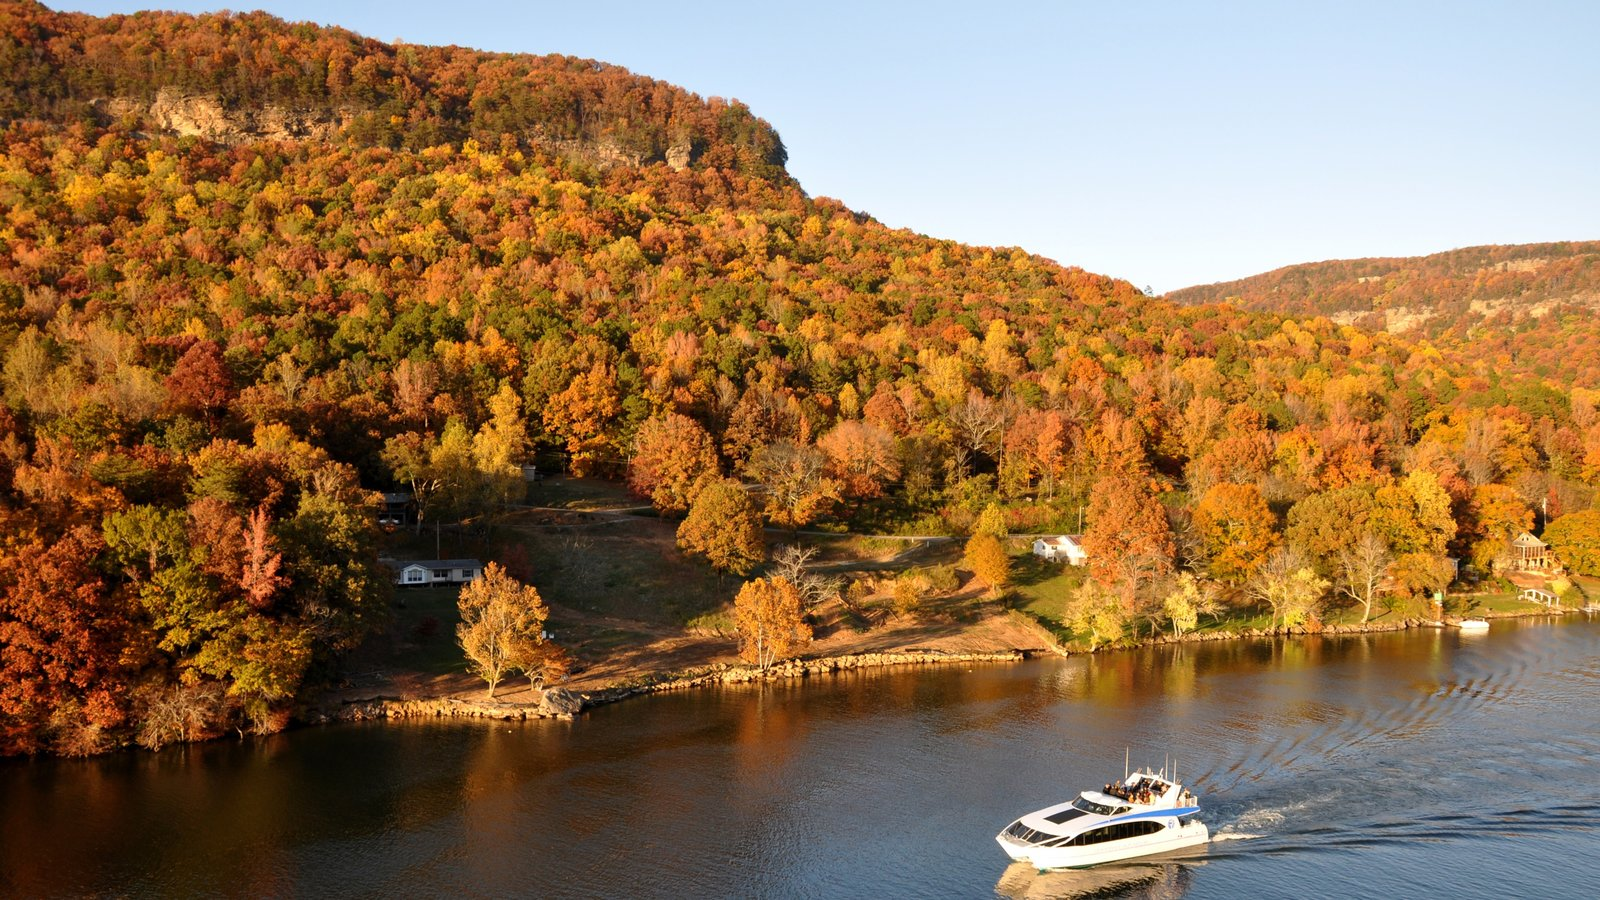 Chattanooga ofreciendo vistas de paisajes, un río o arroyo y los colores del otoño